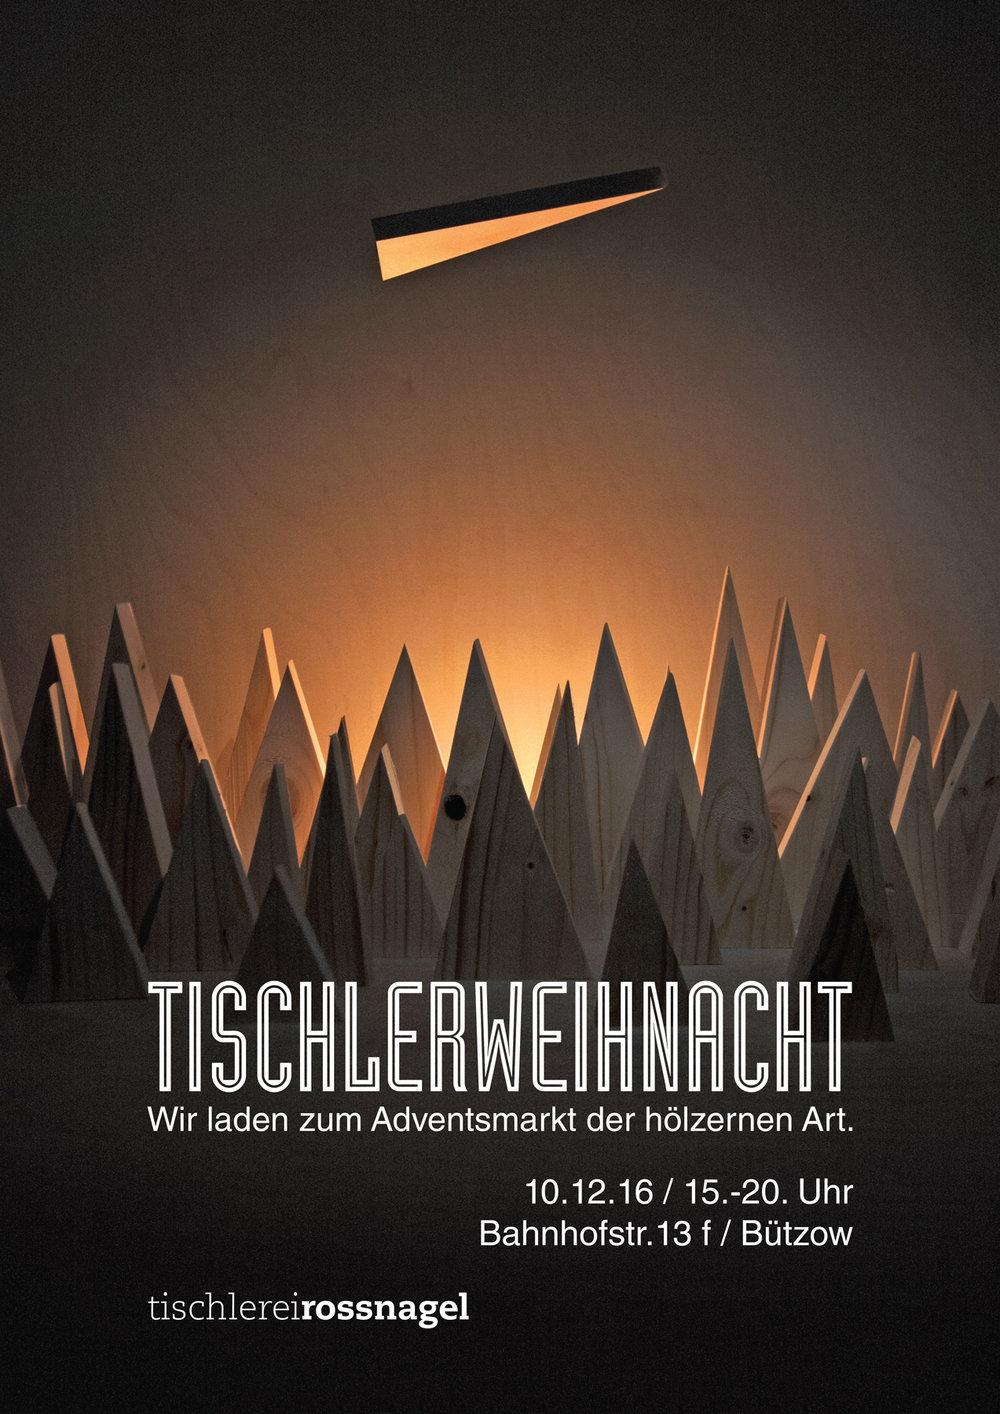 tischlerweihnacht tischlerei rossnagel 2016